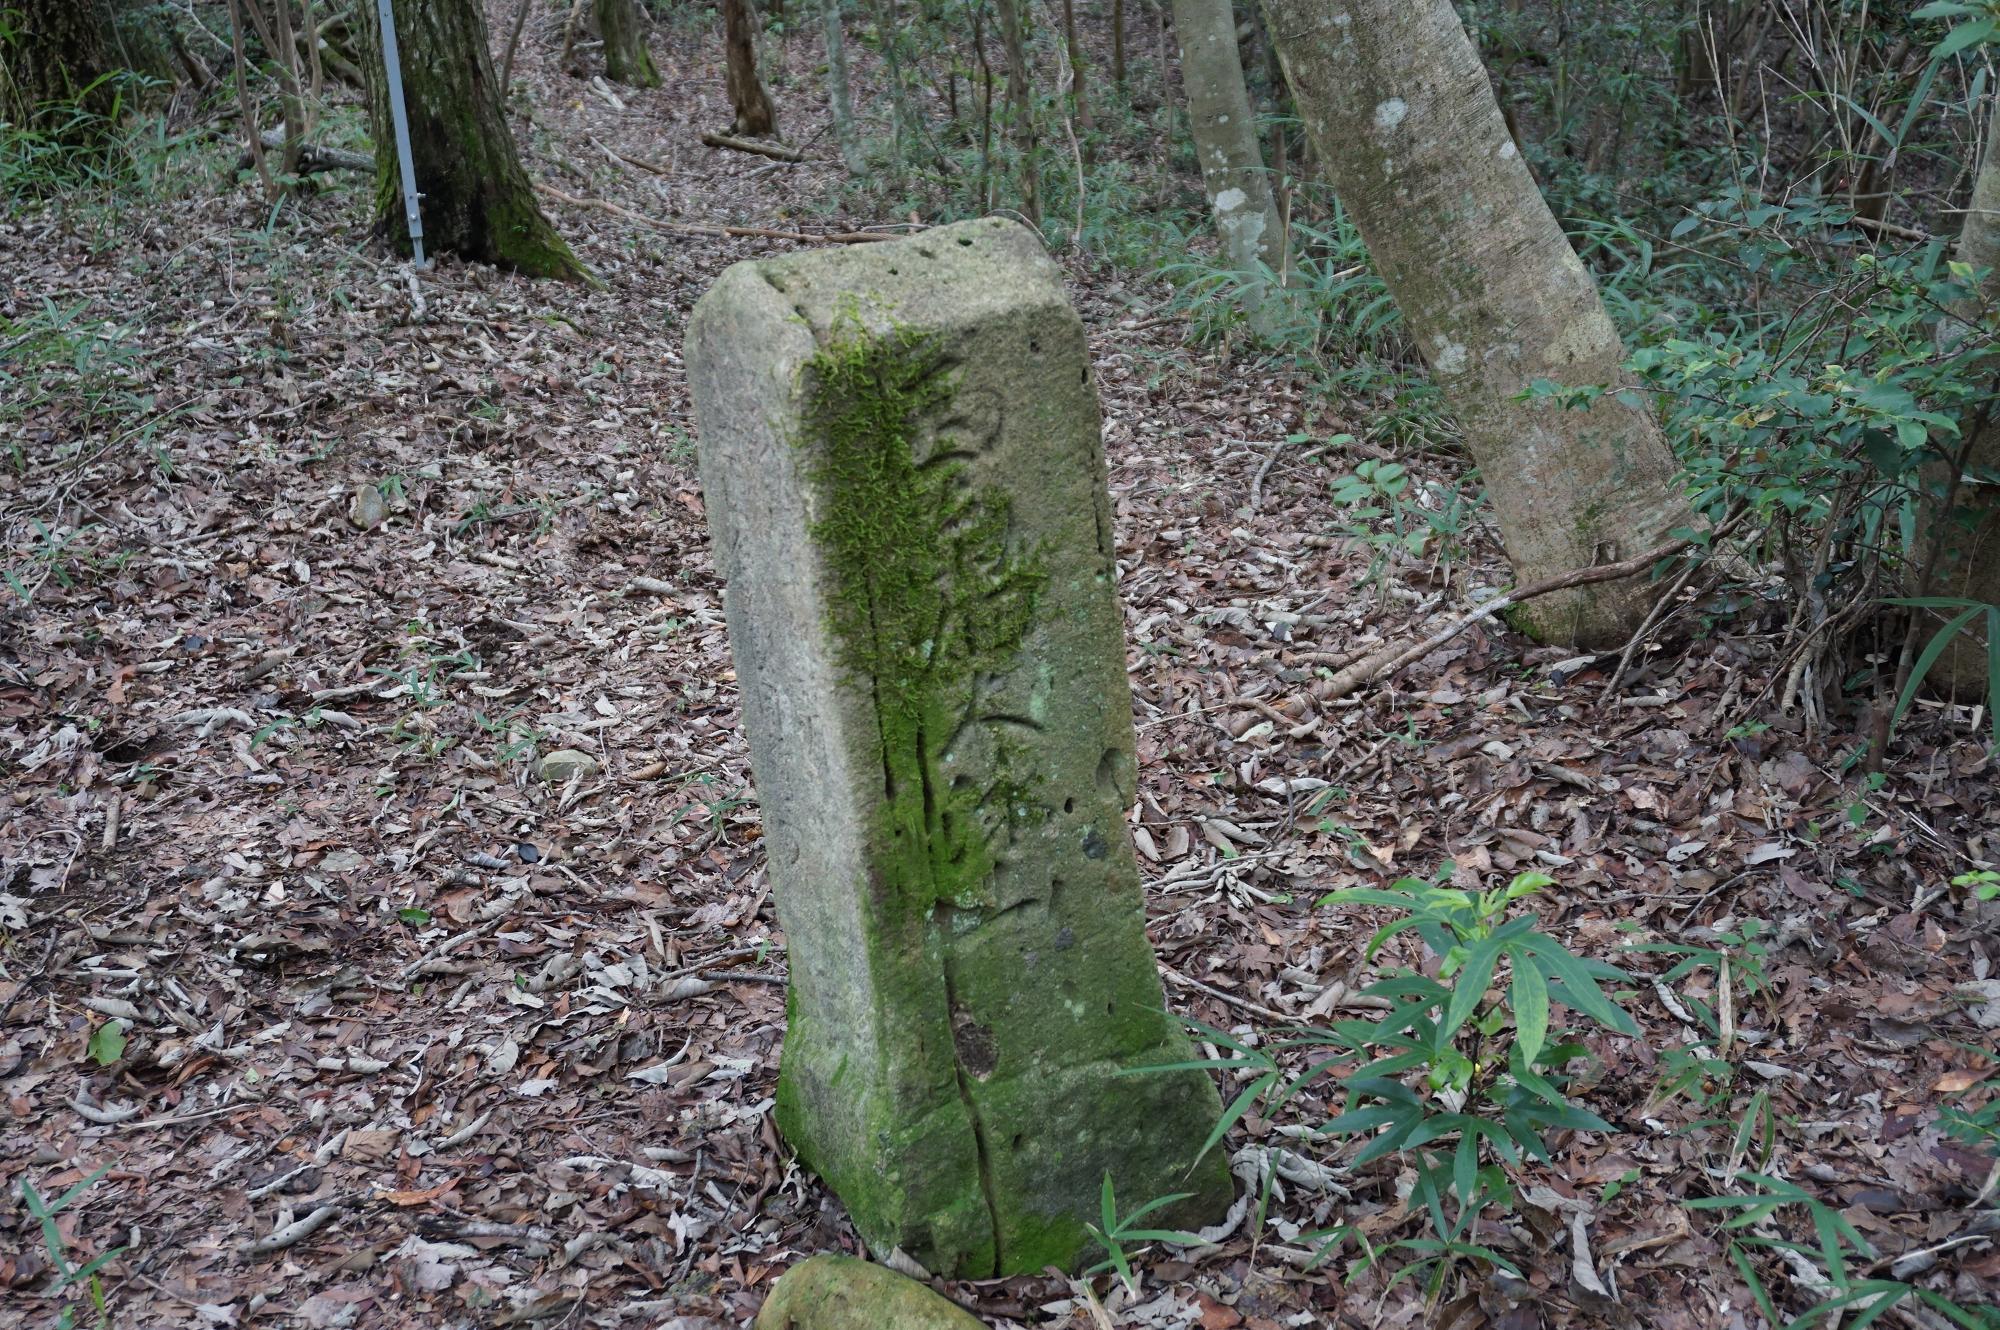 この道標石柱から山頂まではそう遠くないはずだが・・・